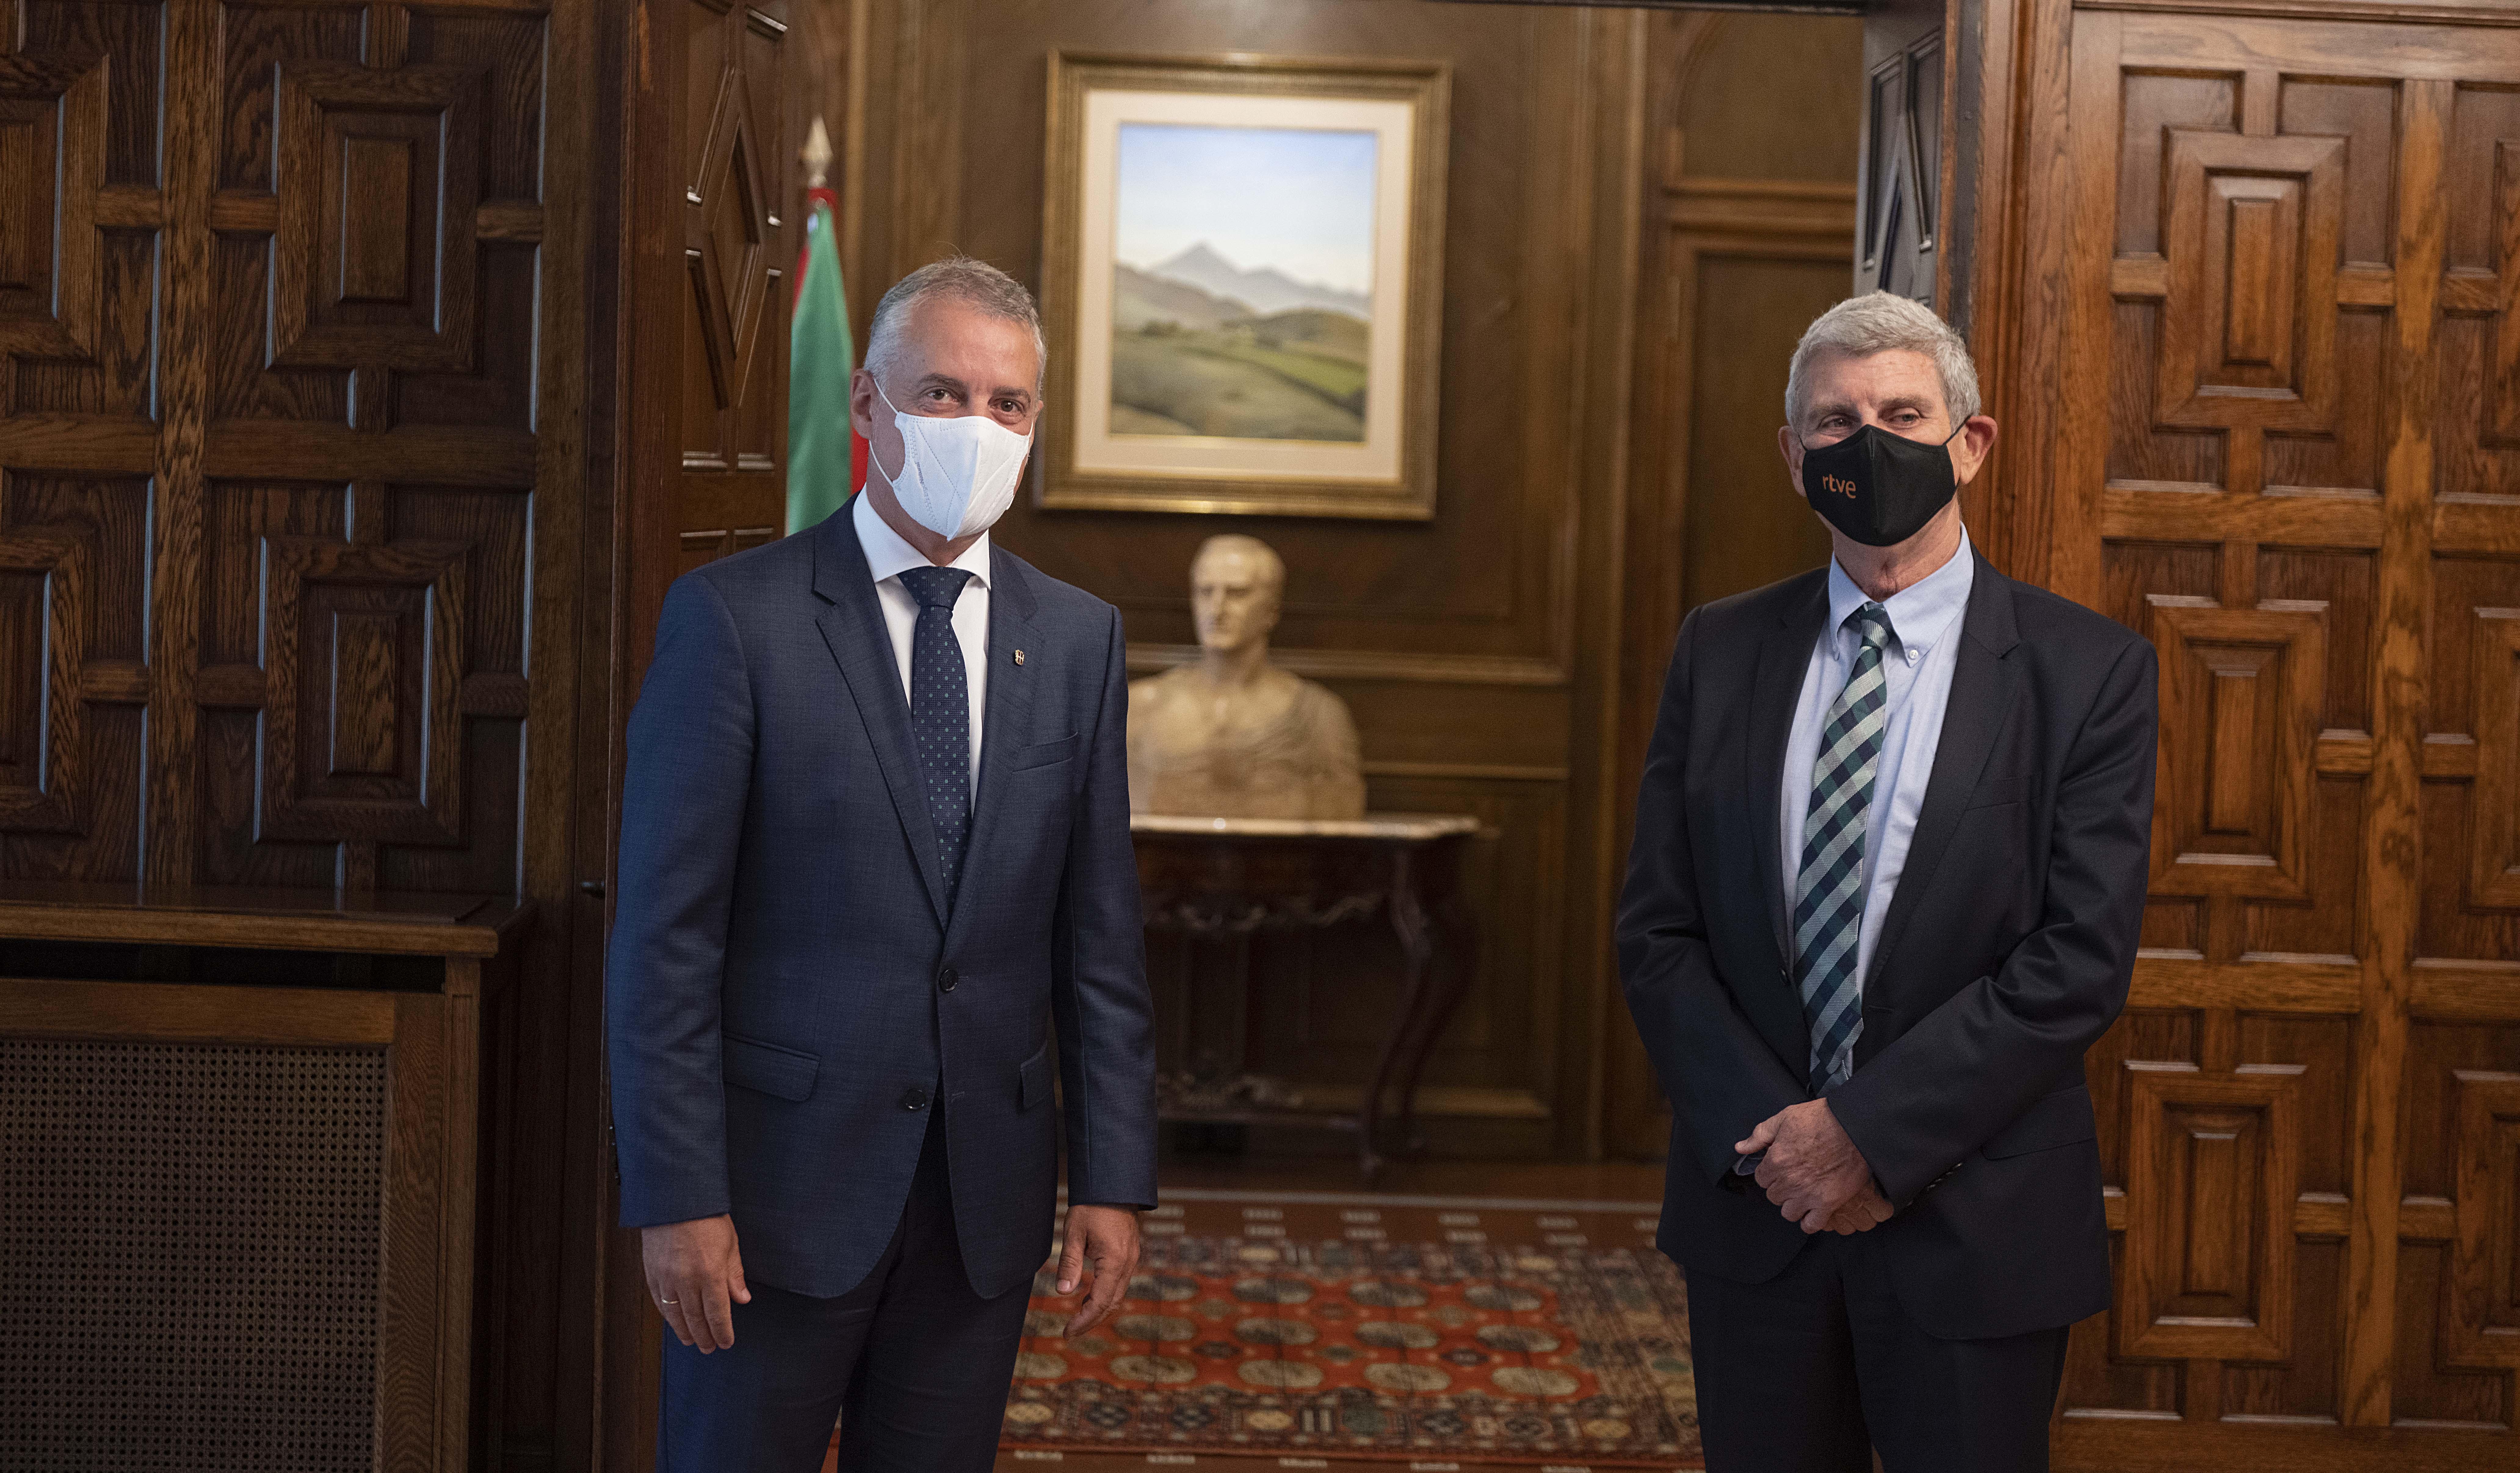 El Lehendakari se reúne con responsables de Radio Televisión Española [1:13]